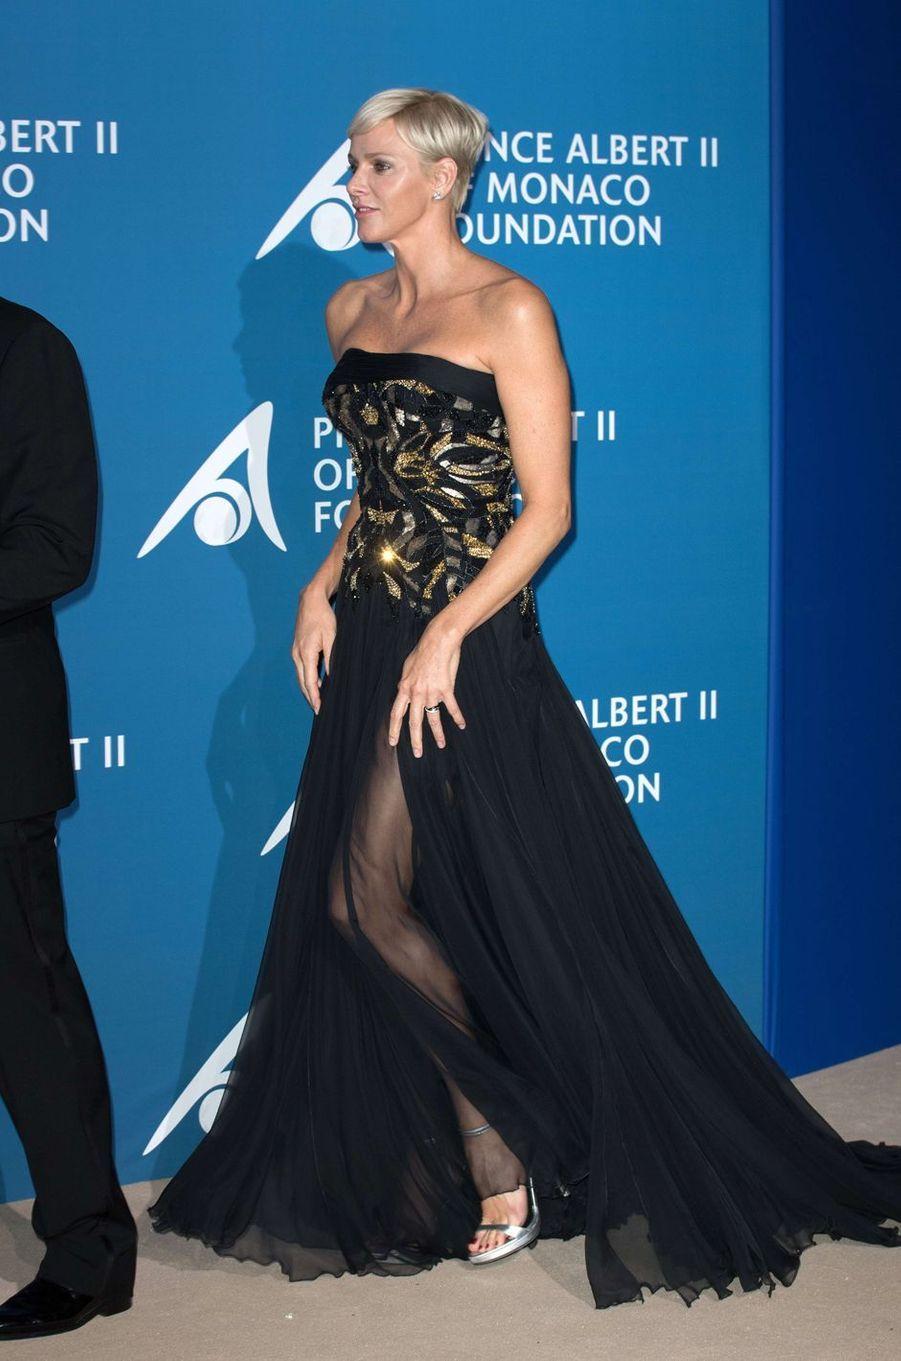 La princesse Charlène de Monaco lors du premier Monte-Carlo Gala pour l'Océan à Monaco, le 28 septembre 2017